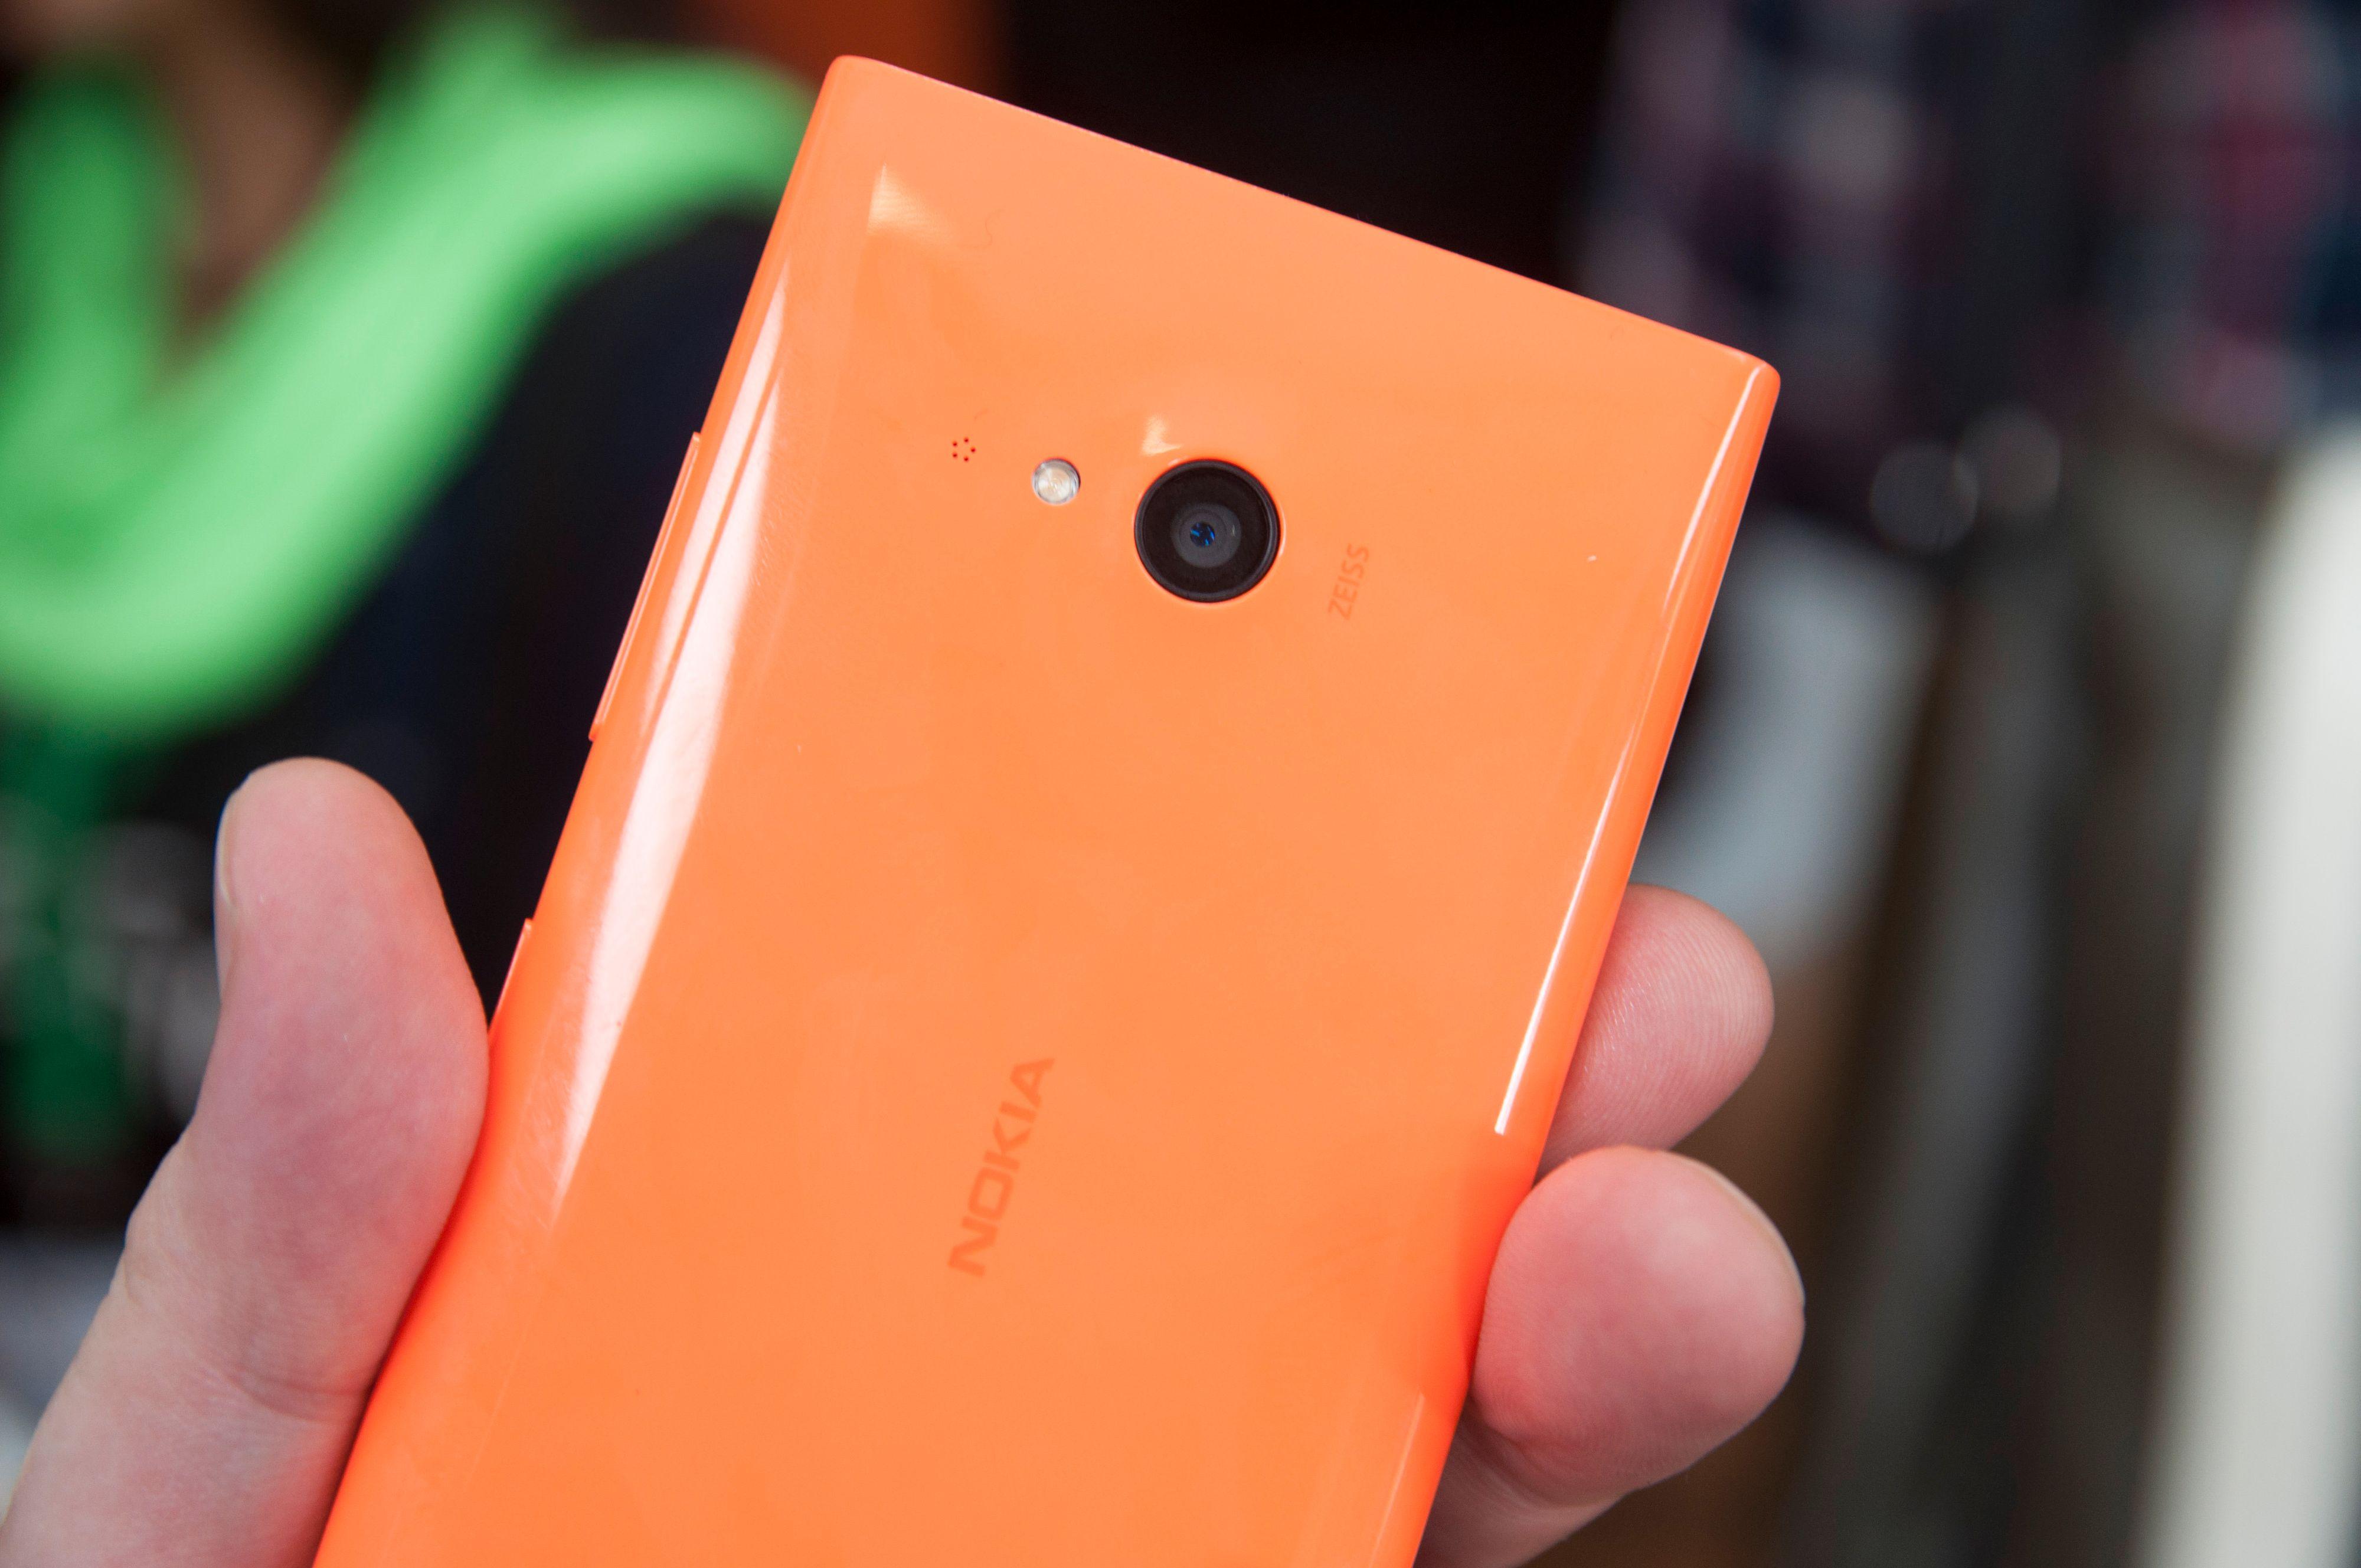 Nokia Lumia 735 bærer ikke Microsofts PureView-merke, men har likevel Carl Zeiss-optikk, og skal ta forholdsvis gode bilder.